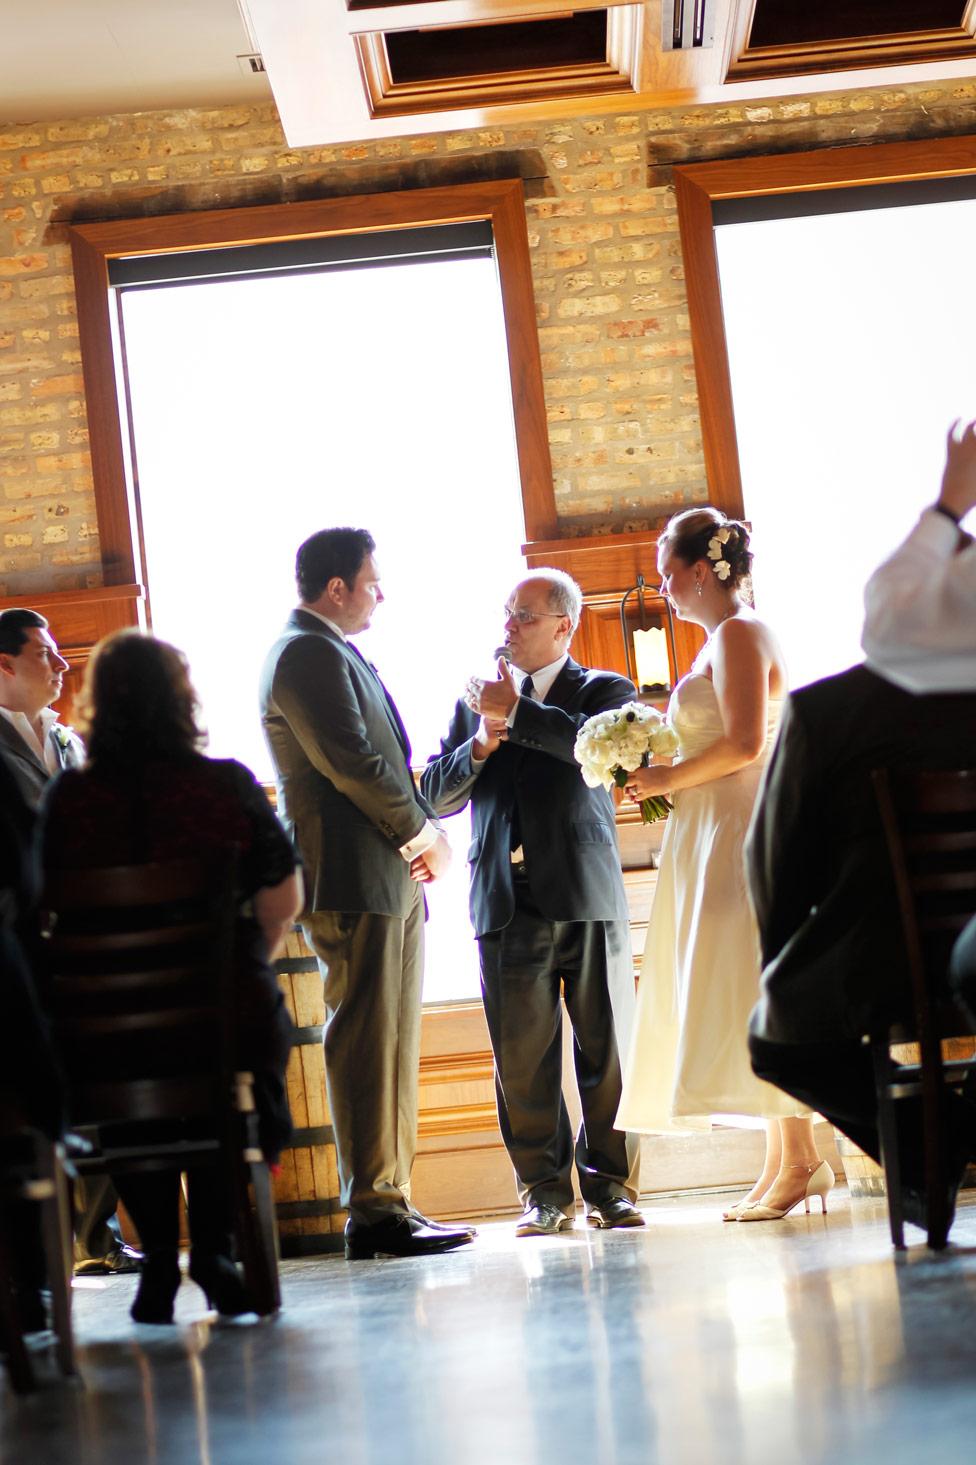 revolution-brewing-chicago-blackhawks-wedding-ruthie-hauge-photography-40.jpg